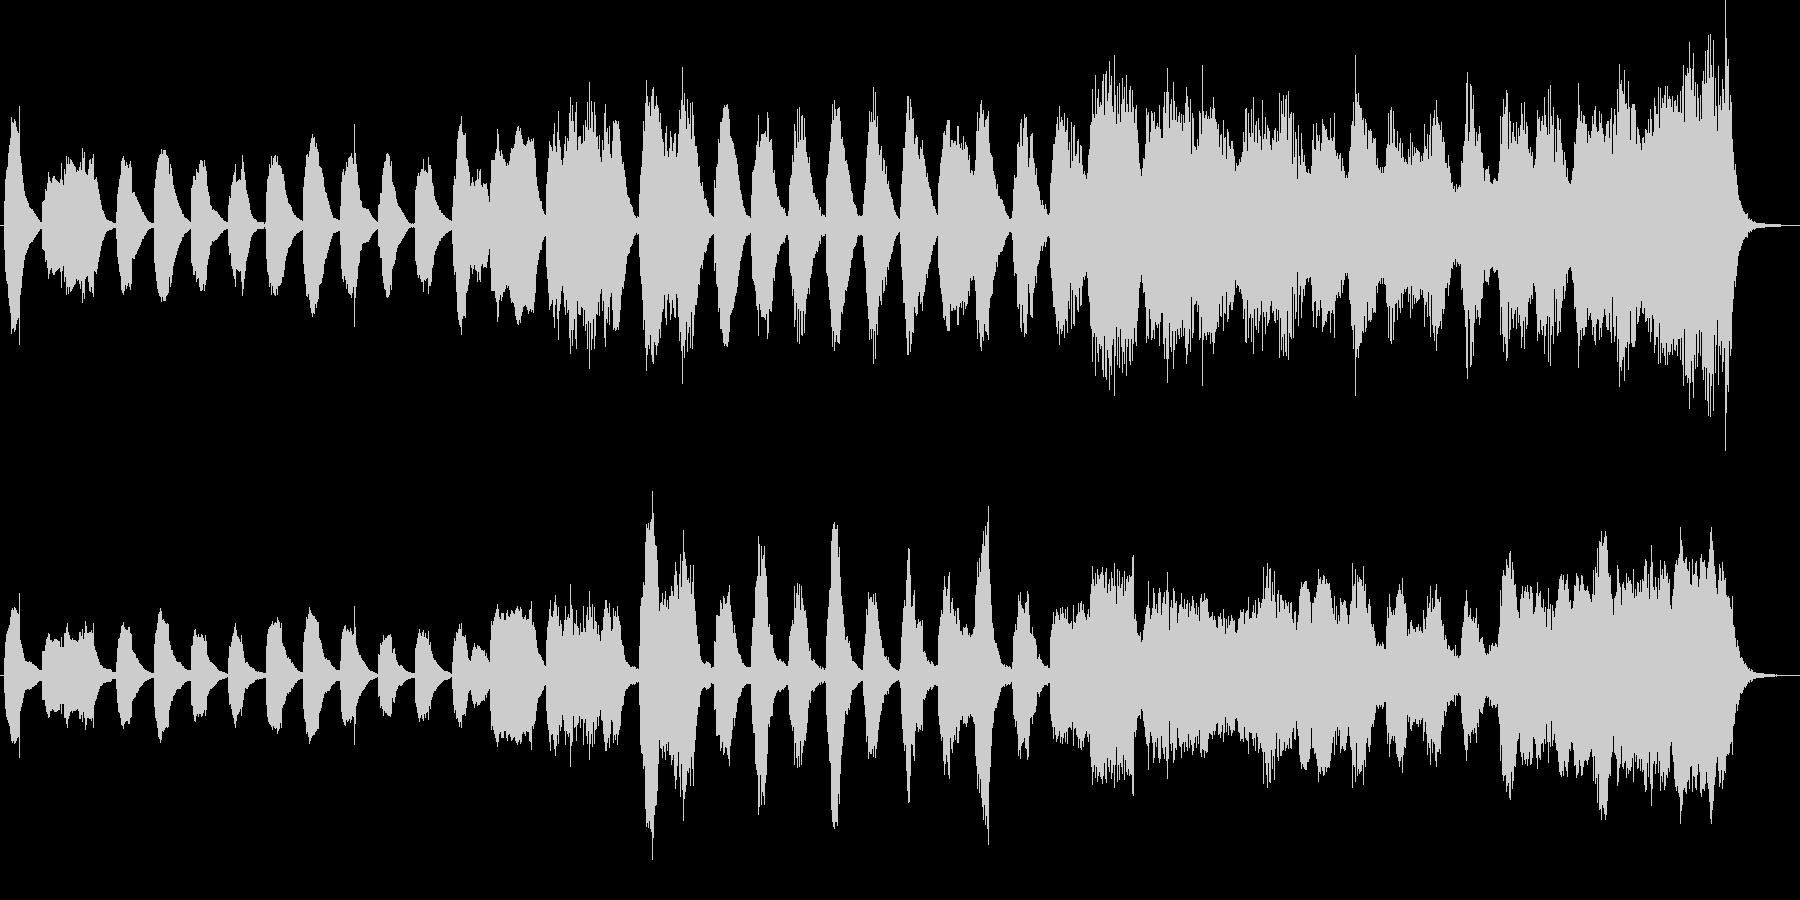 クラシックのバッハ風のジングルの未再生の波形